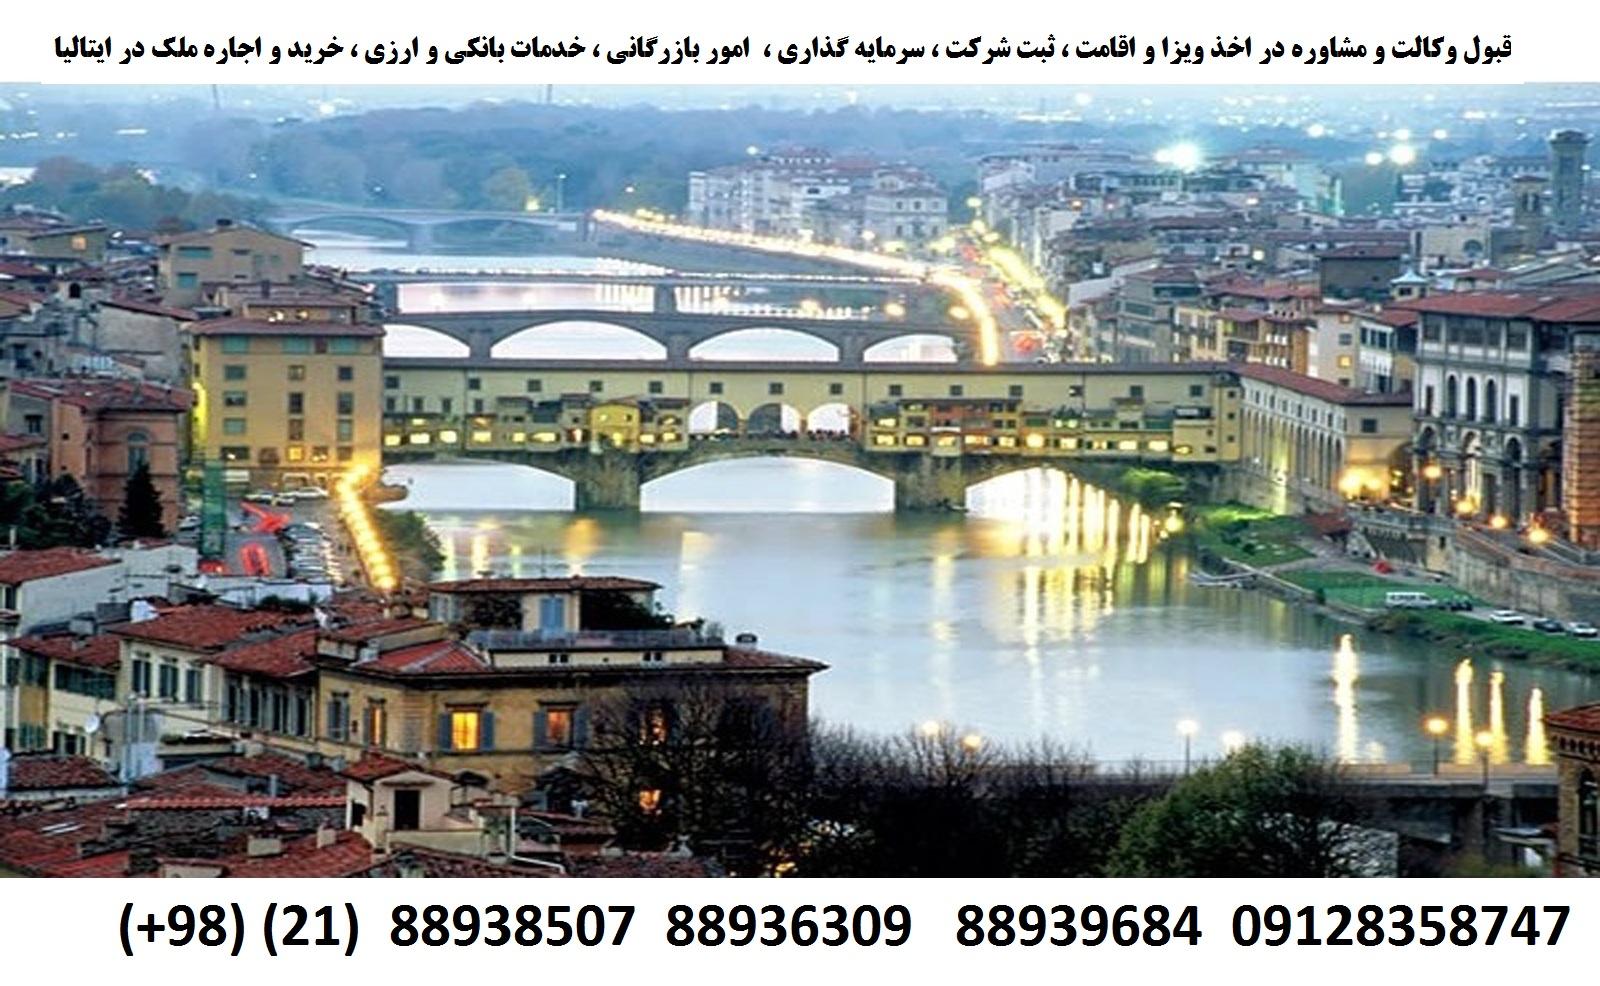 اقامت ، ویزا ، ثبت شرکت ، سرمایه گذاری در ایتالیا (4)